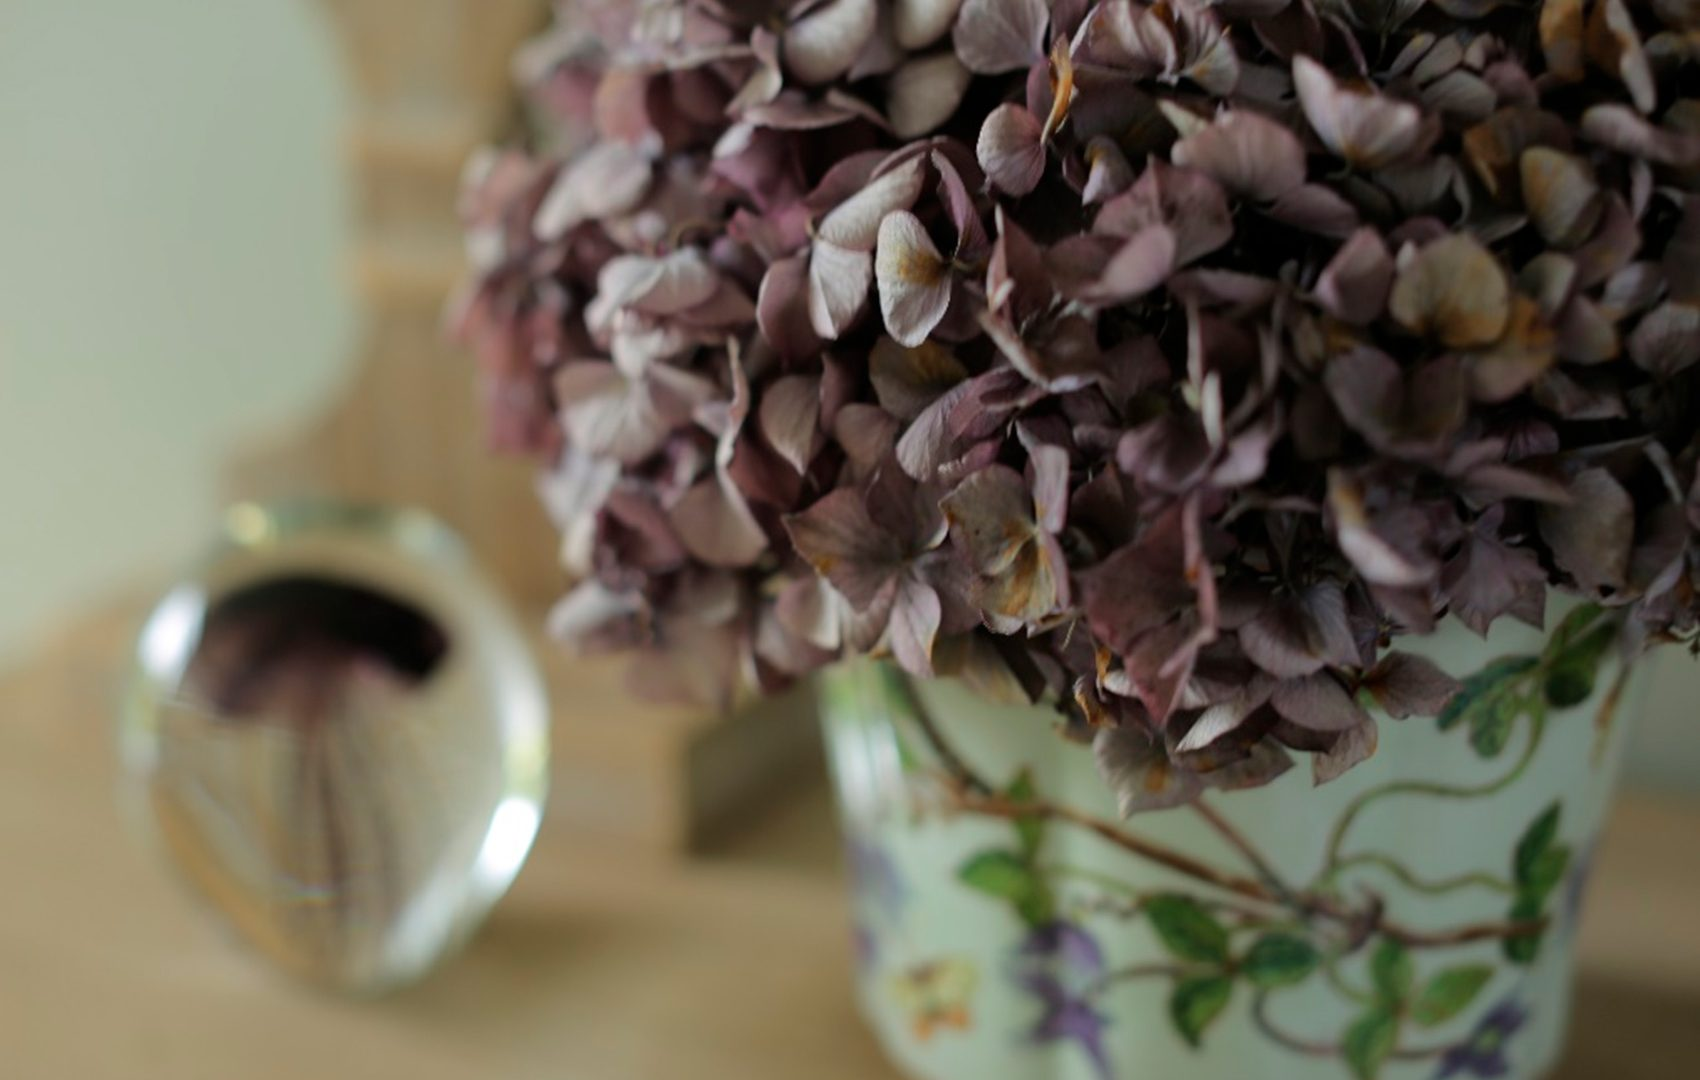 déco intérieure romantique en Normandie-hortensia séché